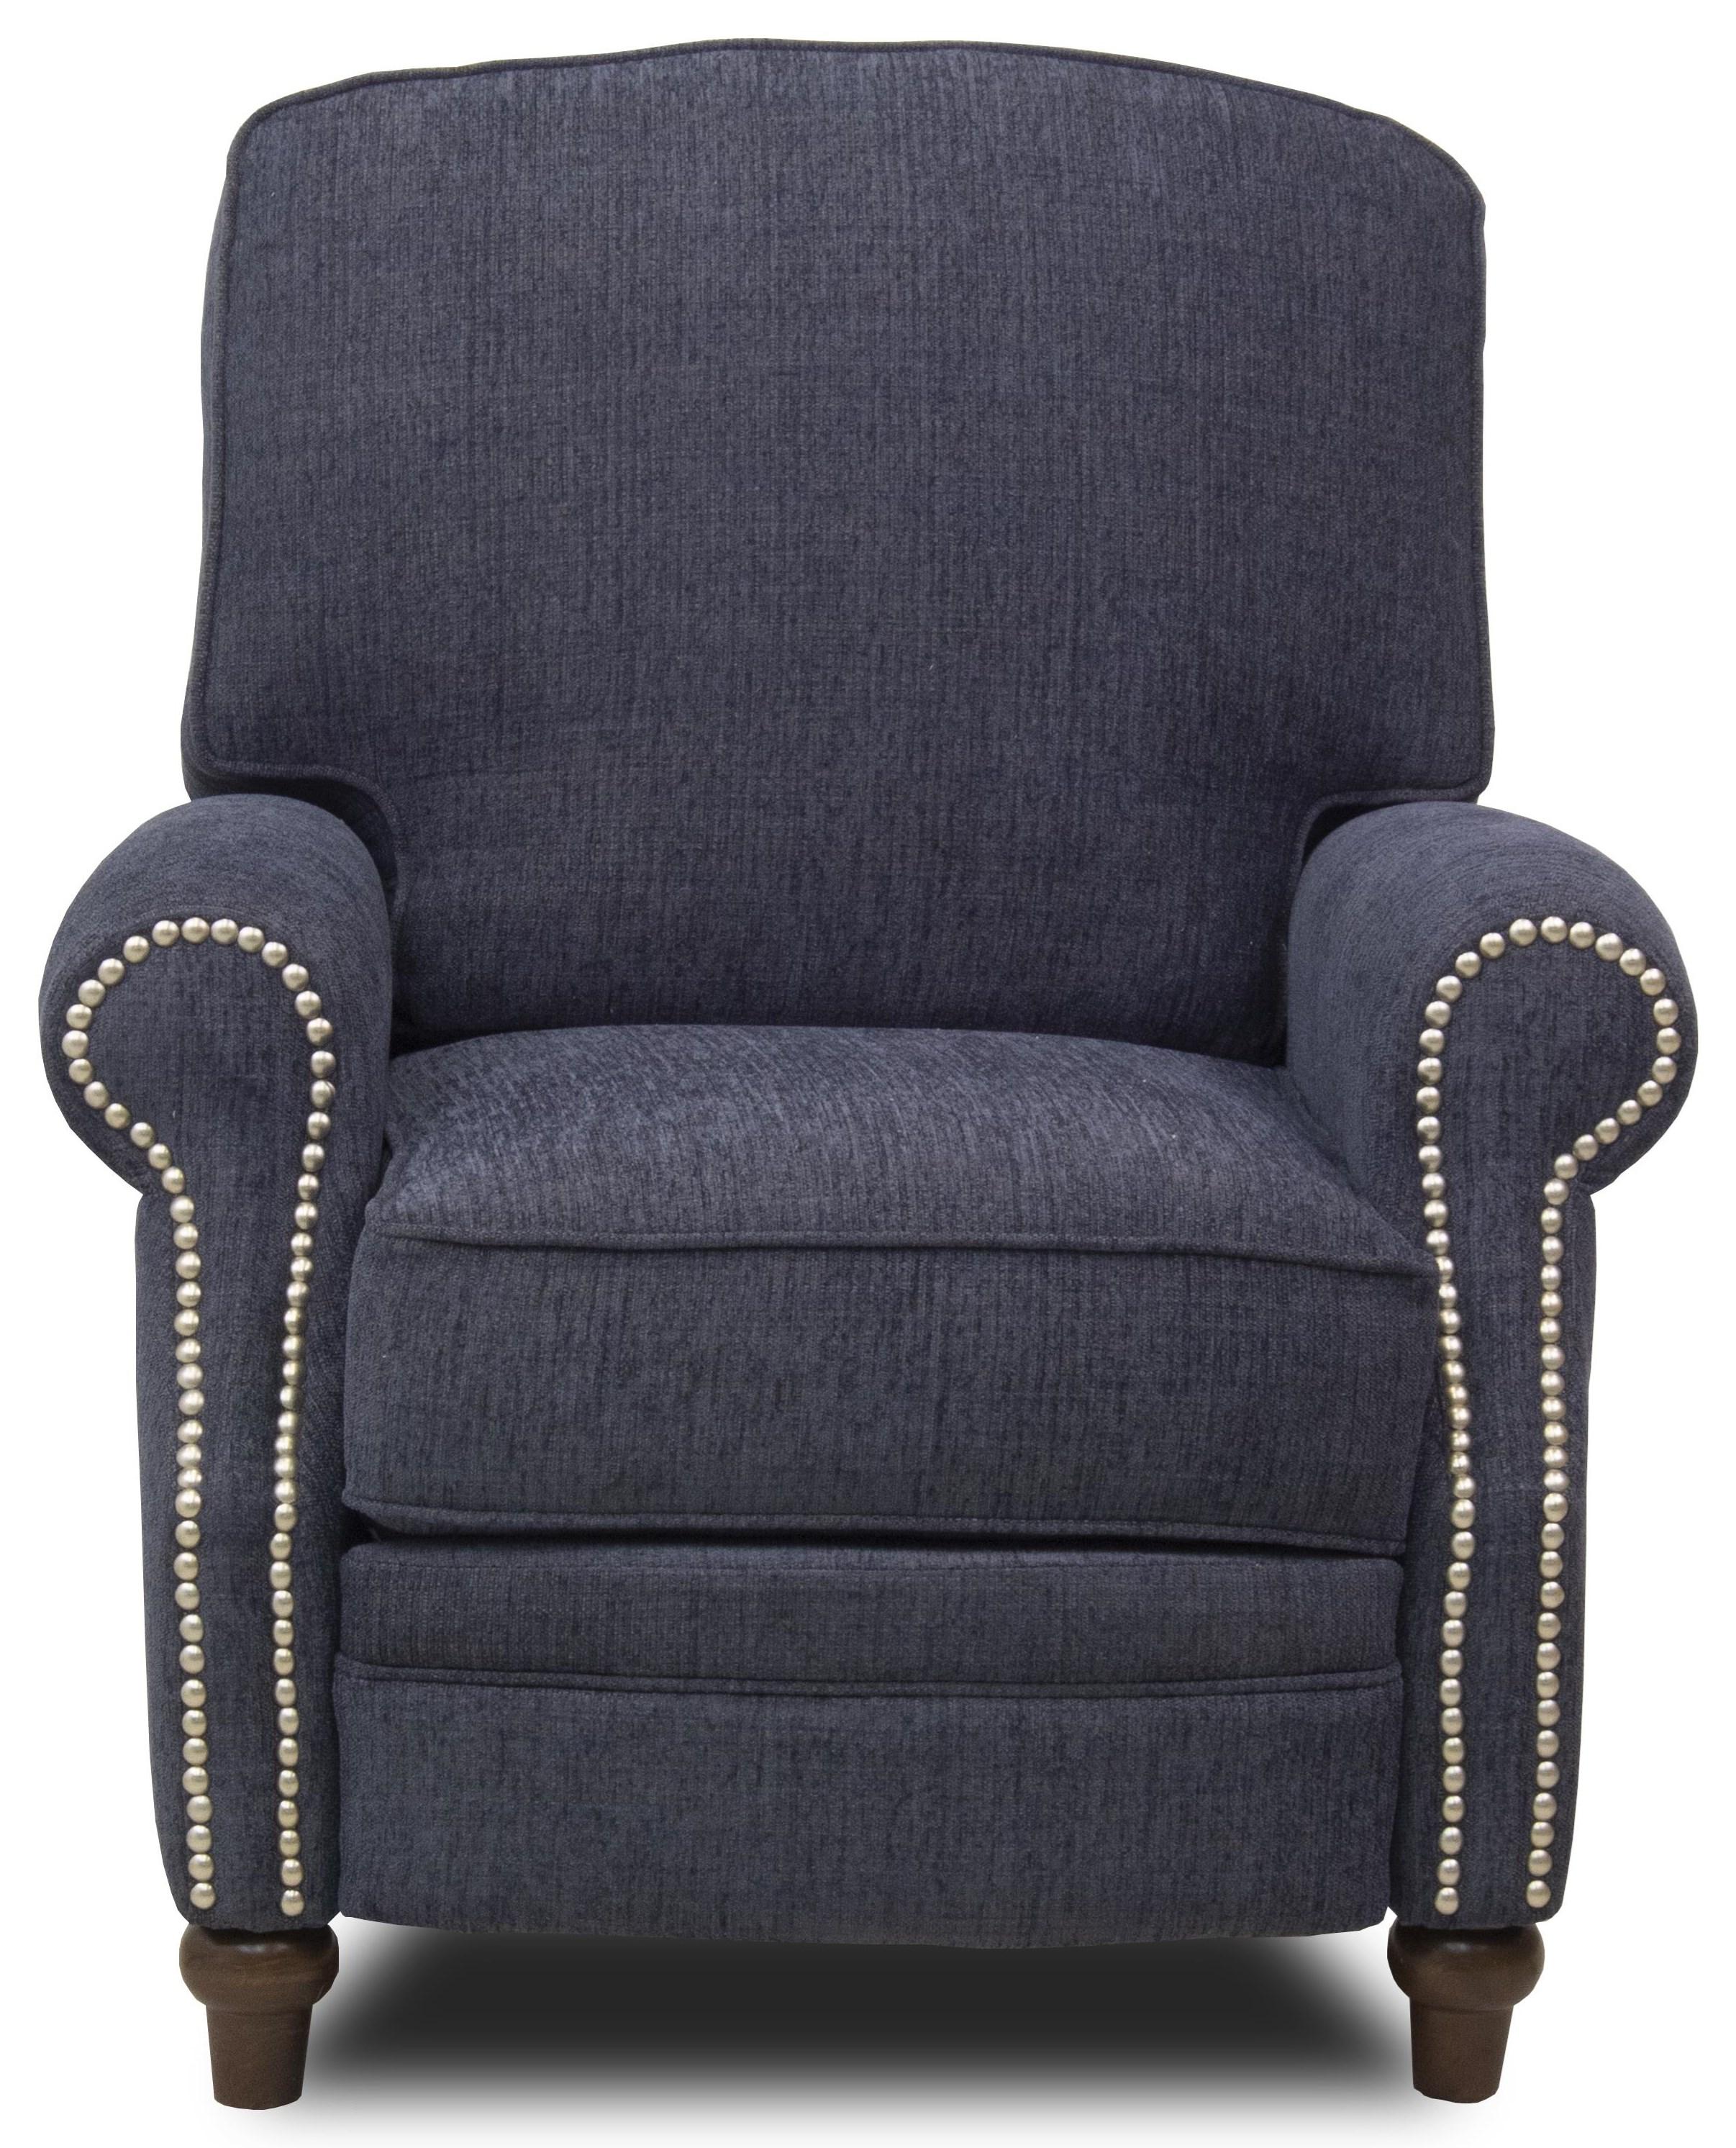 Barrington Accent Chair w/Nailheads by Metropia at Ruby Gordon Home